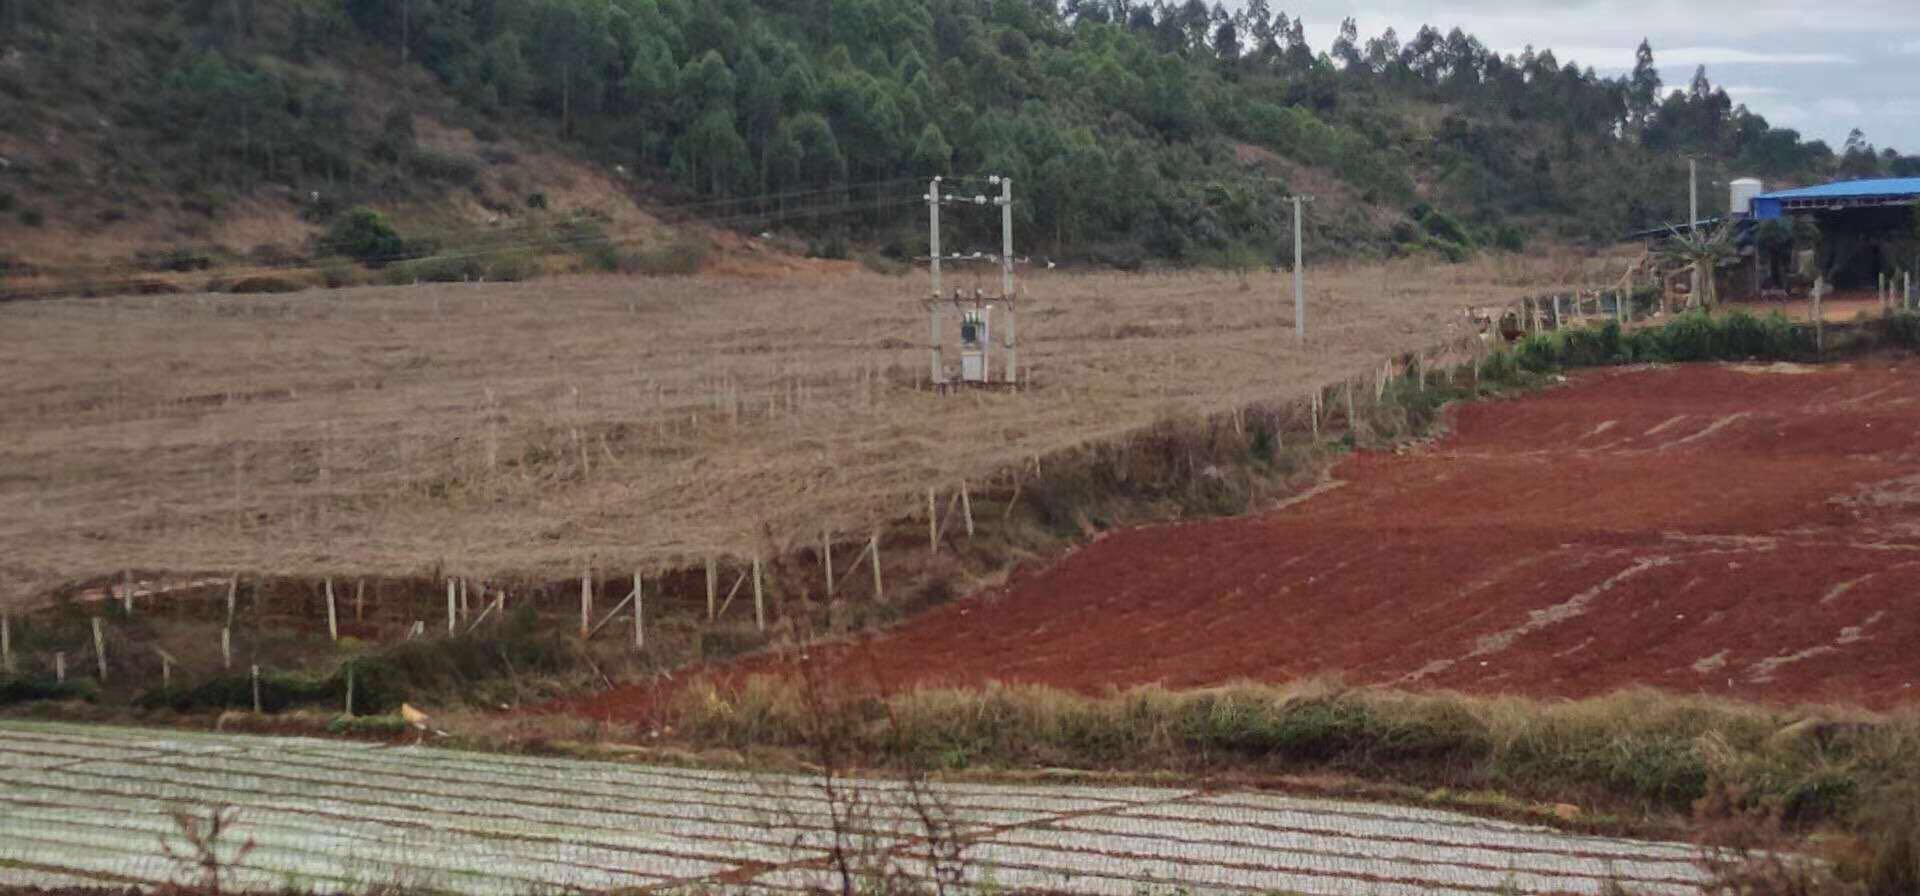 建水面甸镇红田村土地出租或出售 2019-938